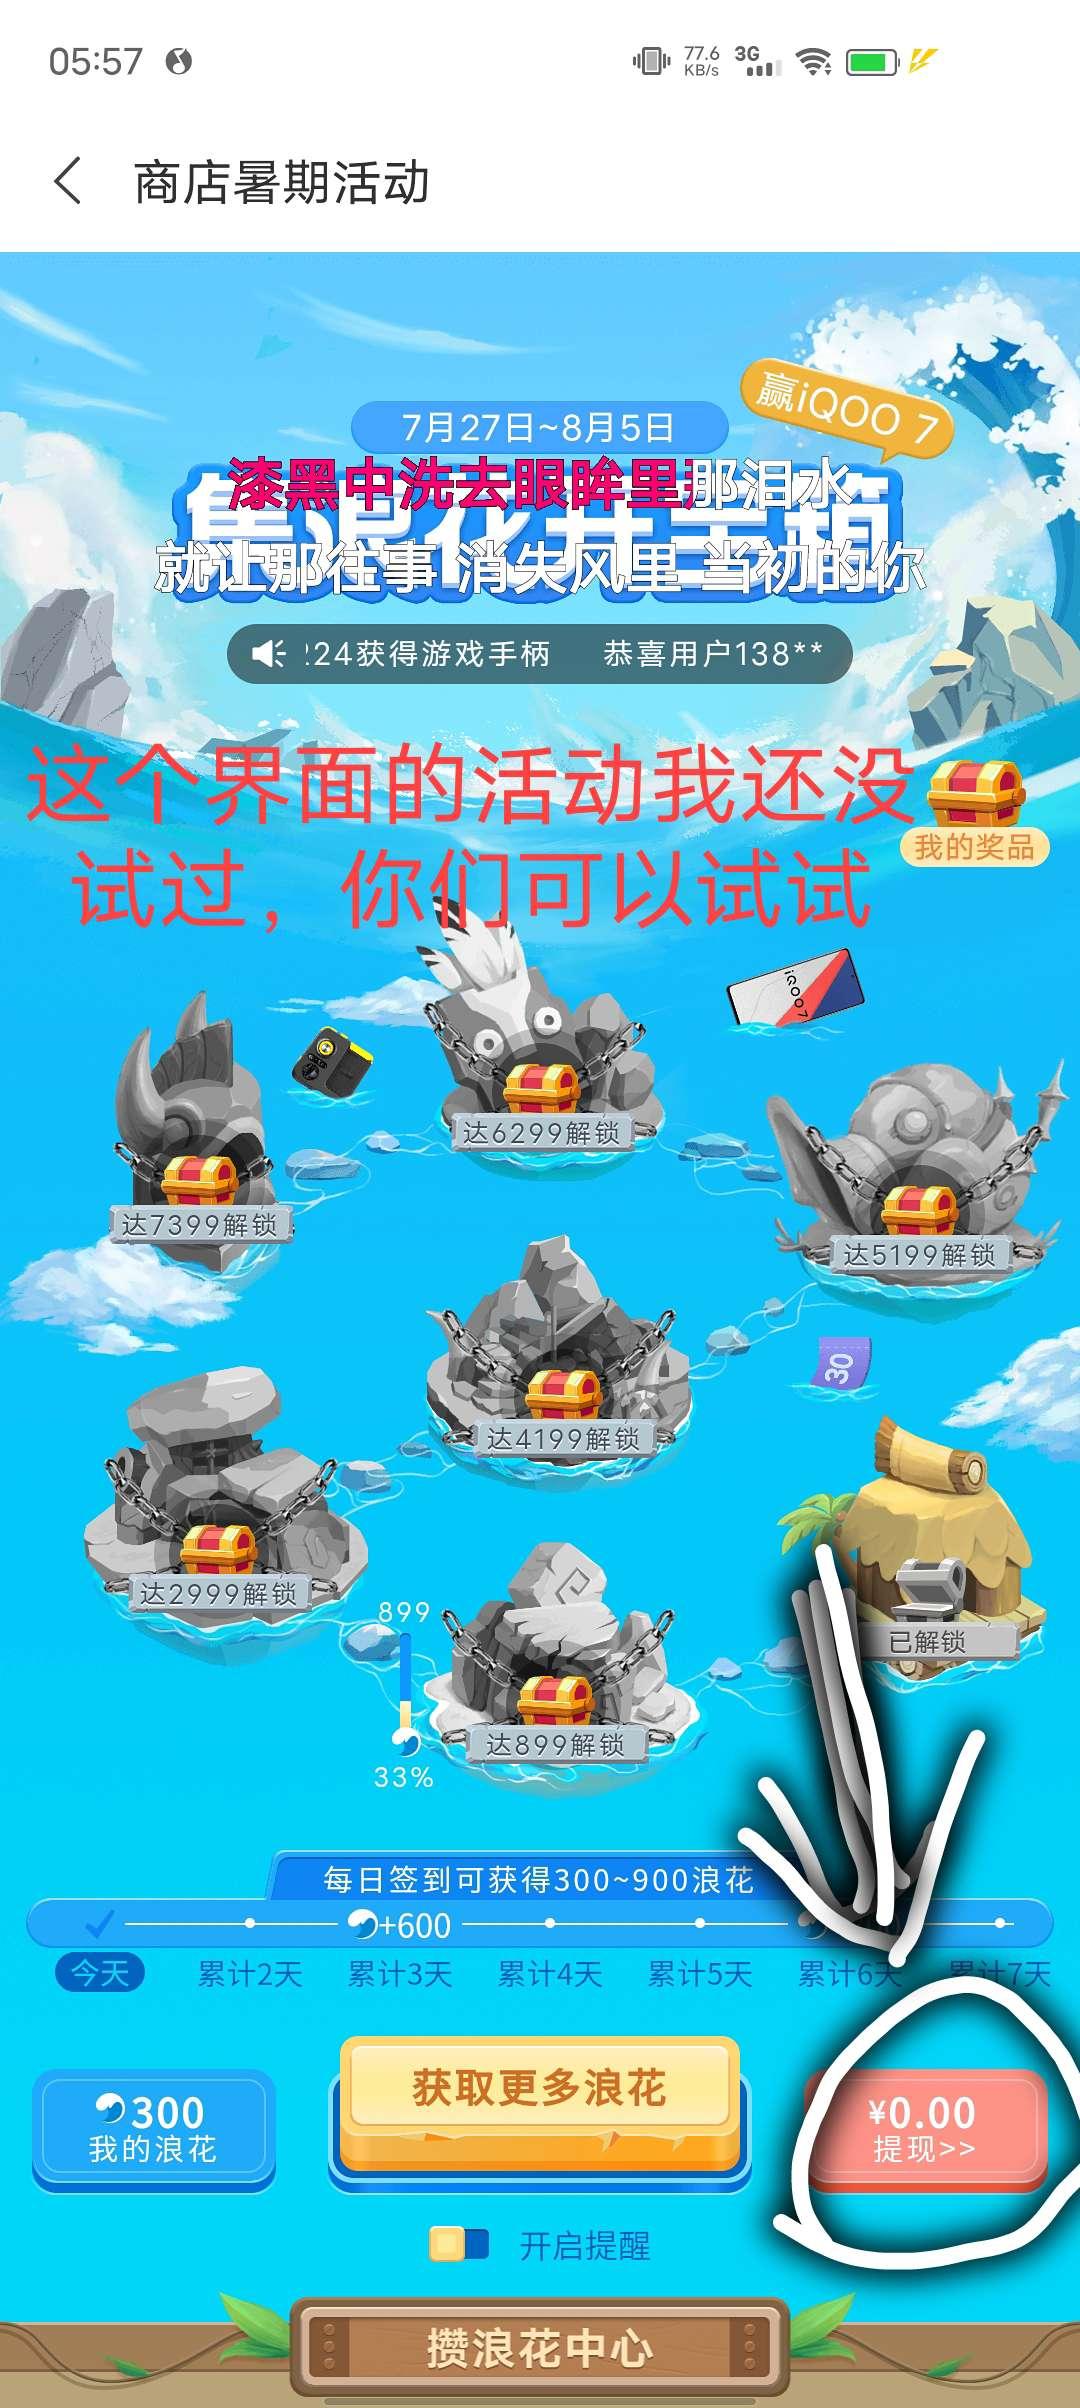 【提现红包现金】vivo手机用户应用商店活动下载应用领取现金插图1